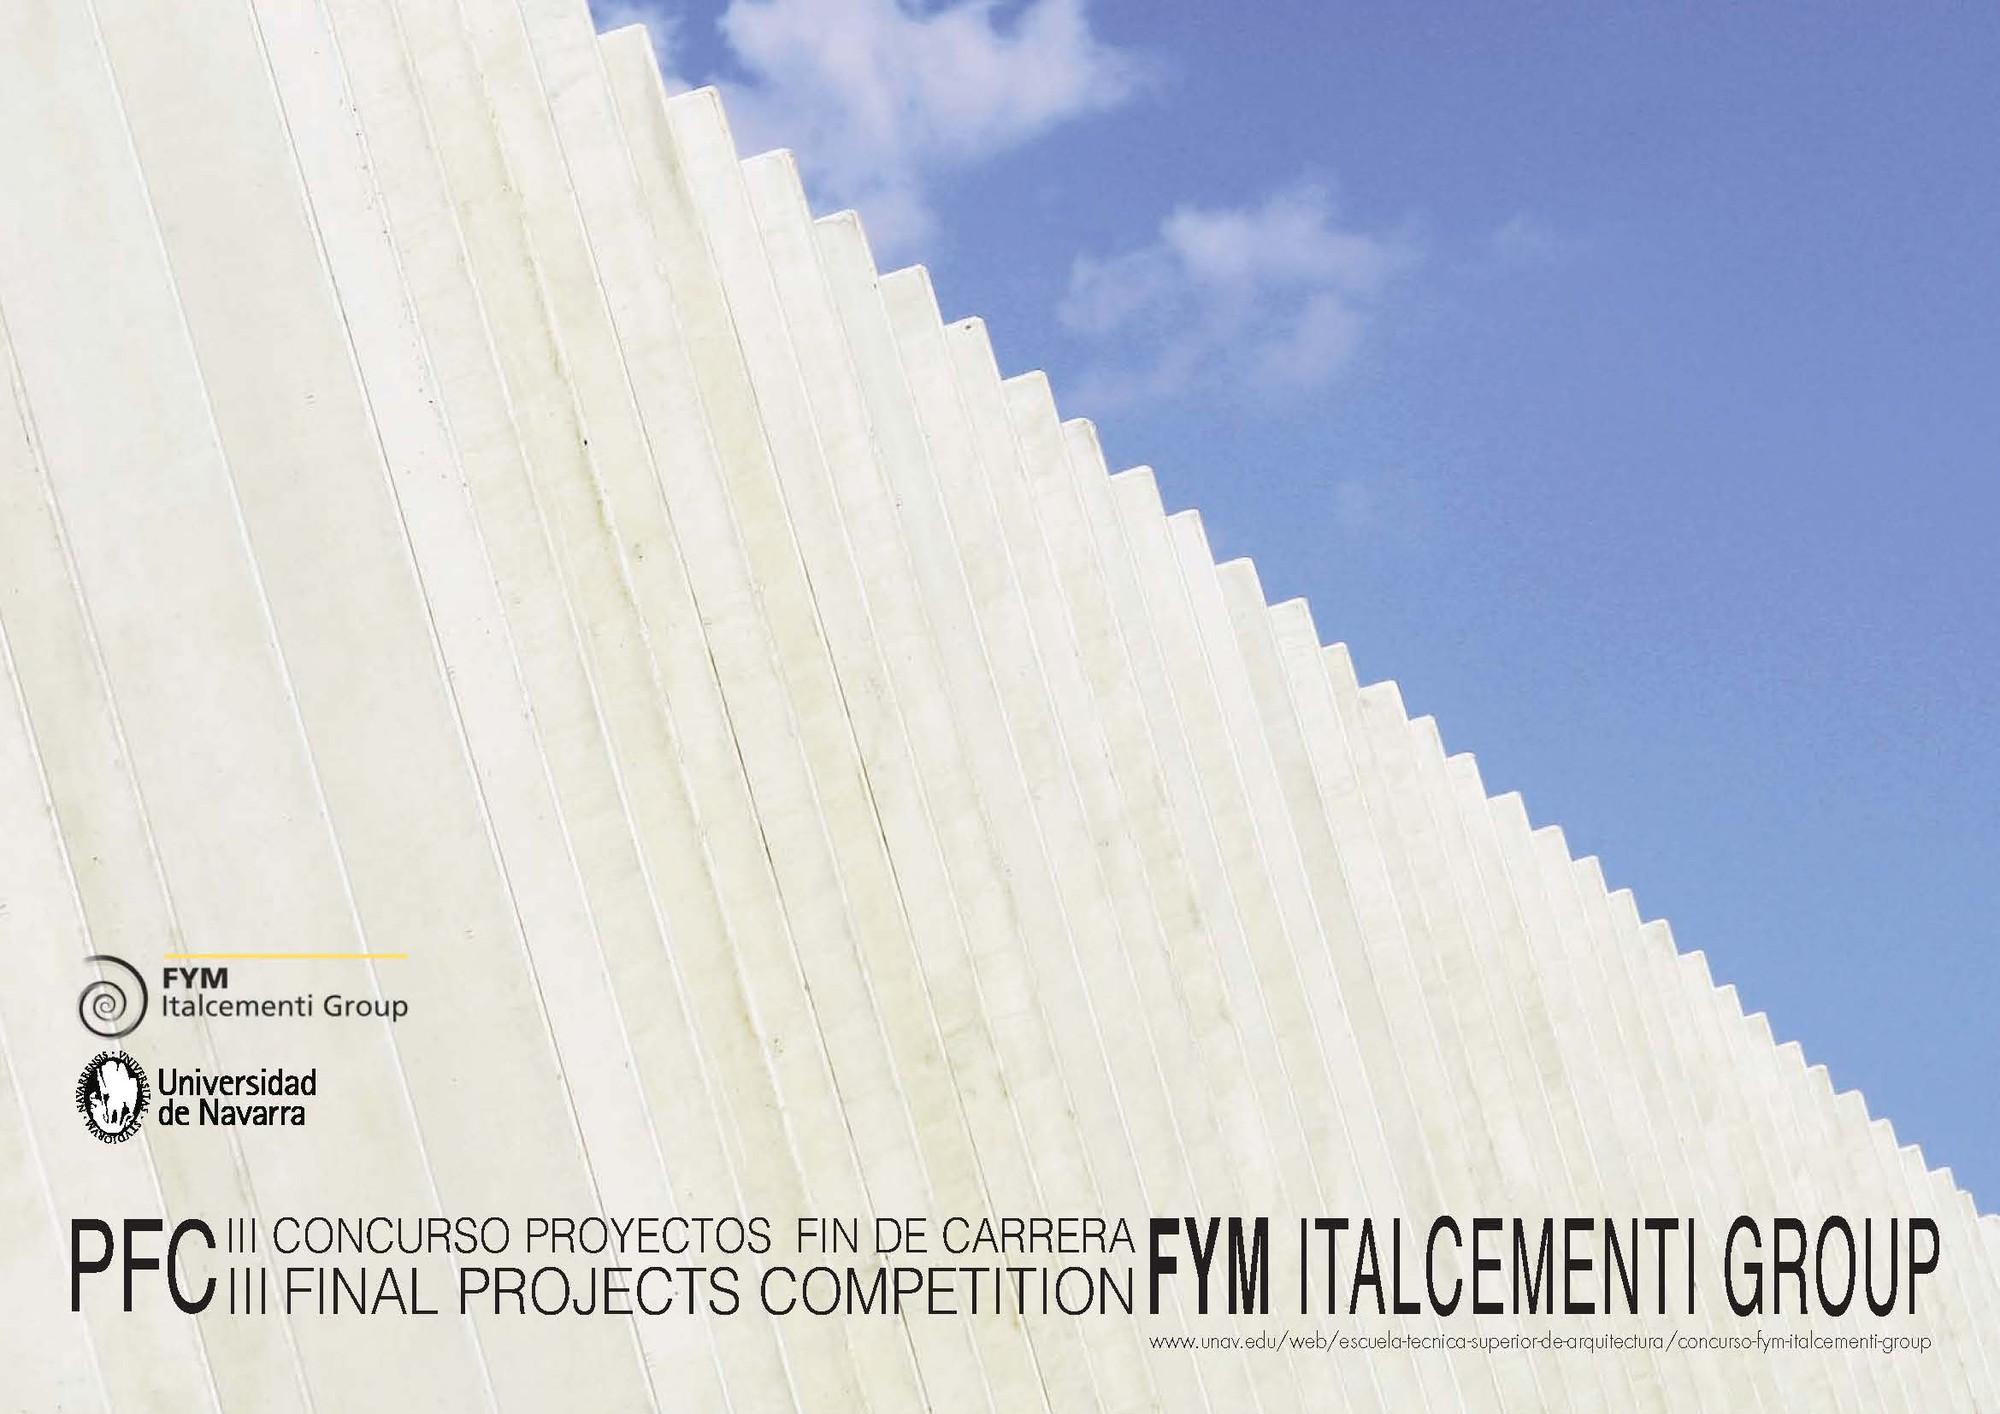 Concurso de Proyectos fin de carrera / Universidad de Navarra + FYM